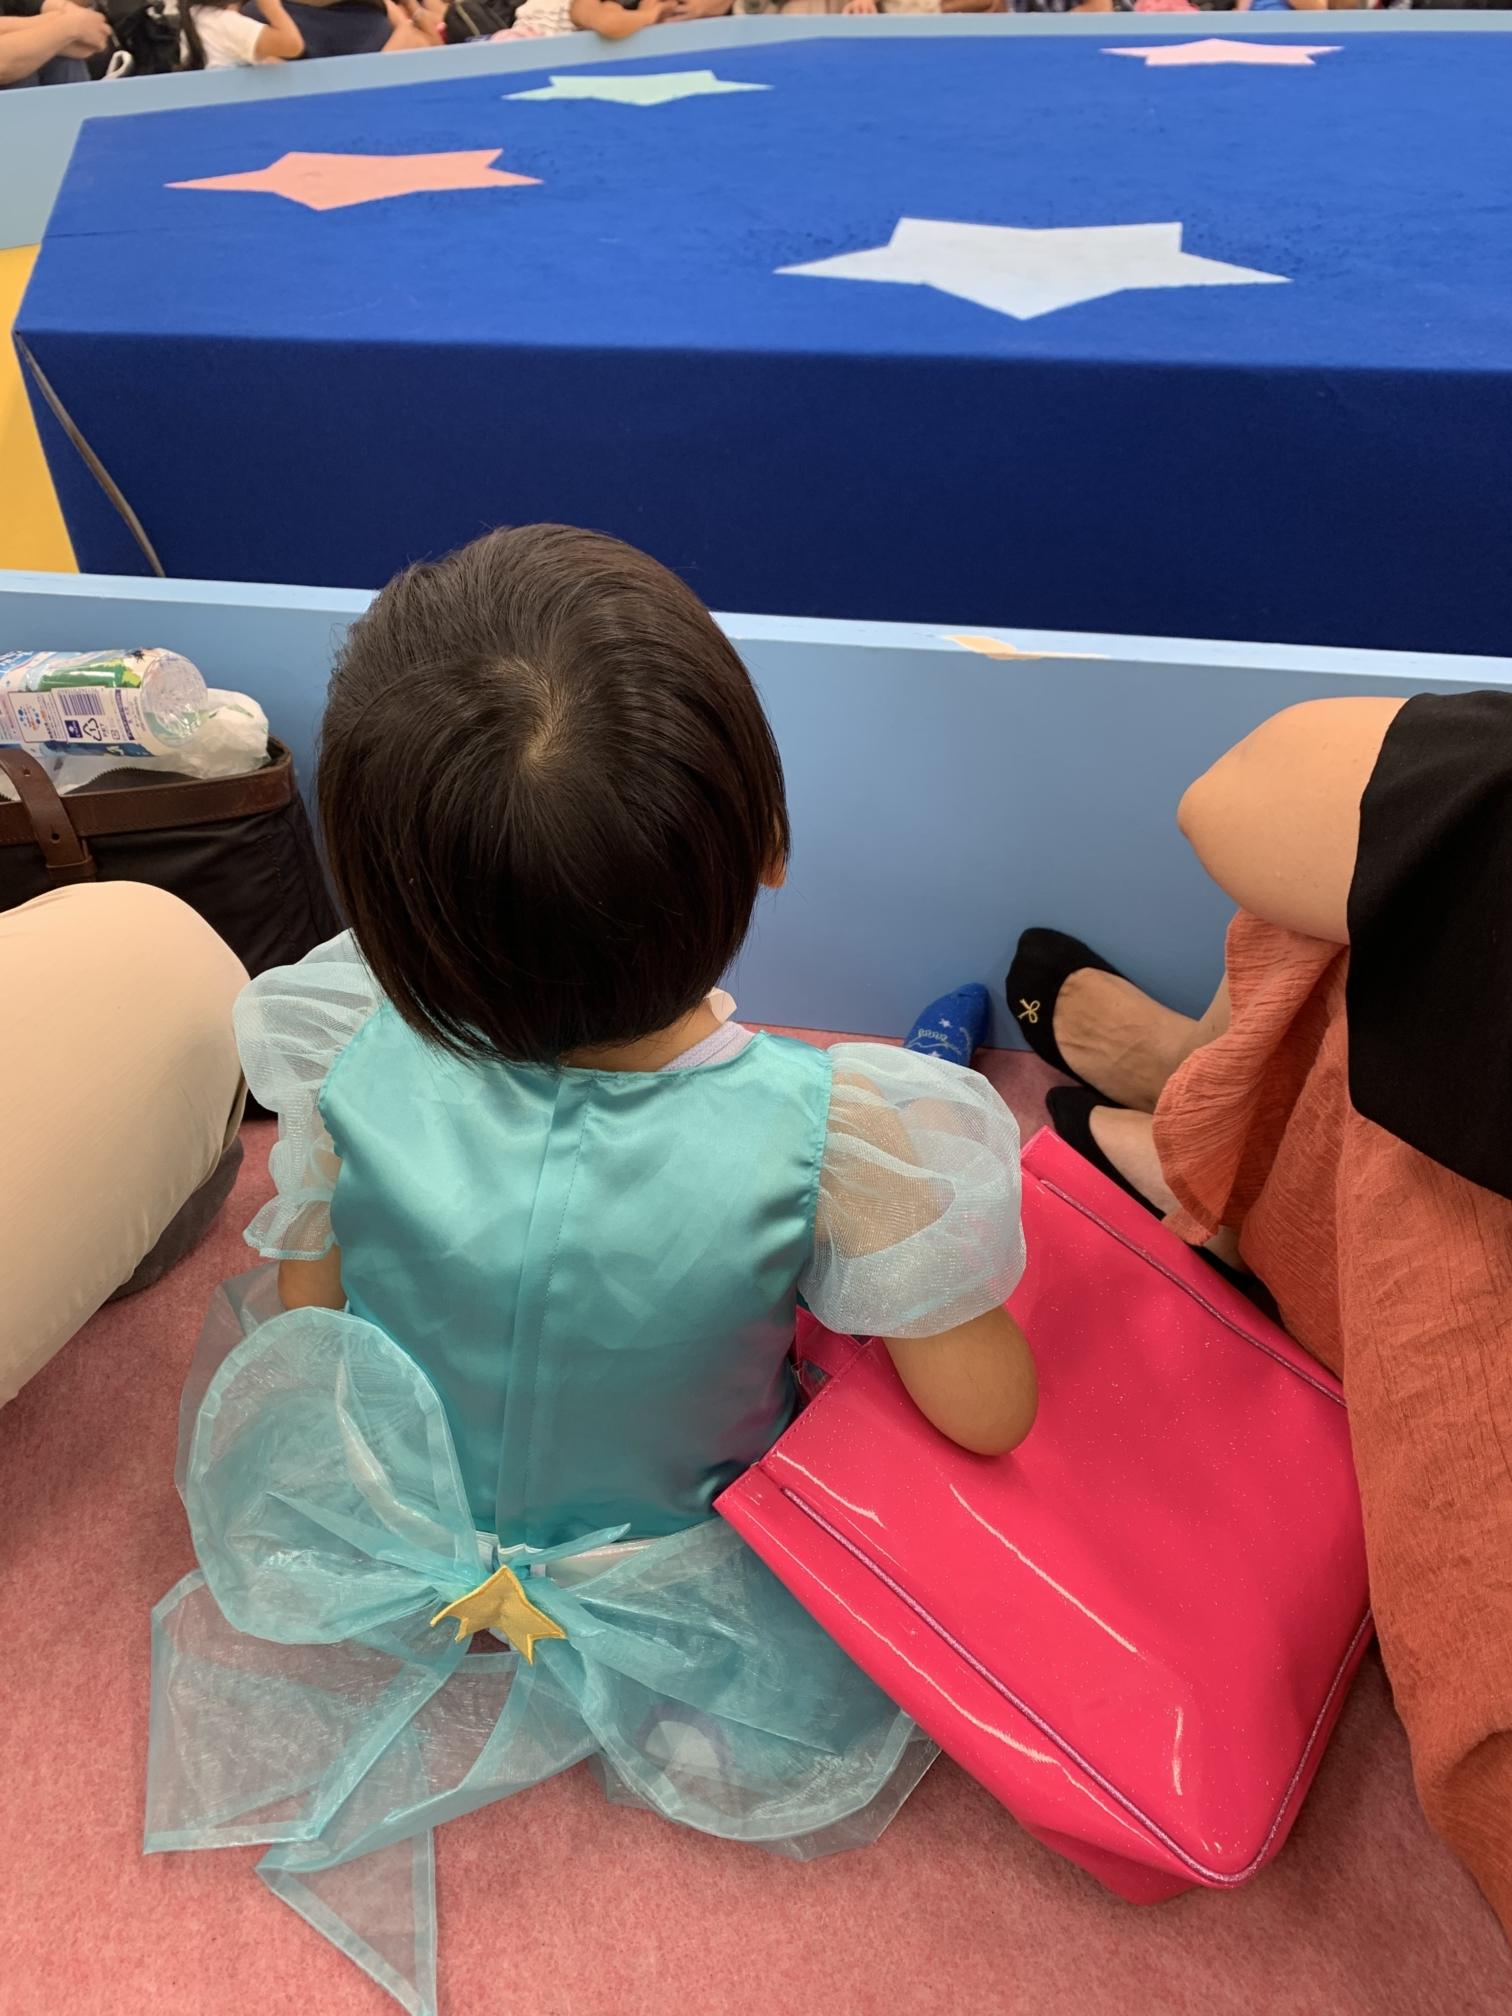 スター☆トゥインクルプリキュア おほしSUMMERバケーションのステージ前で待機